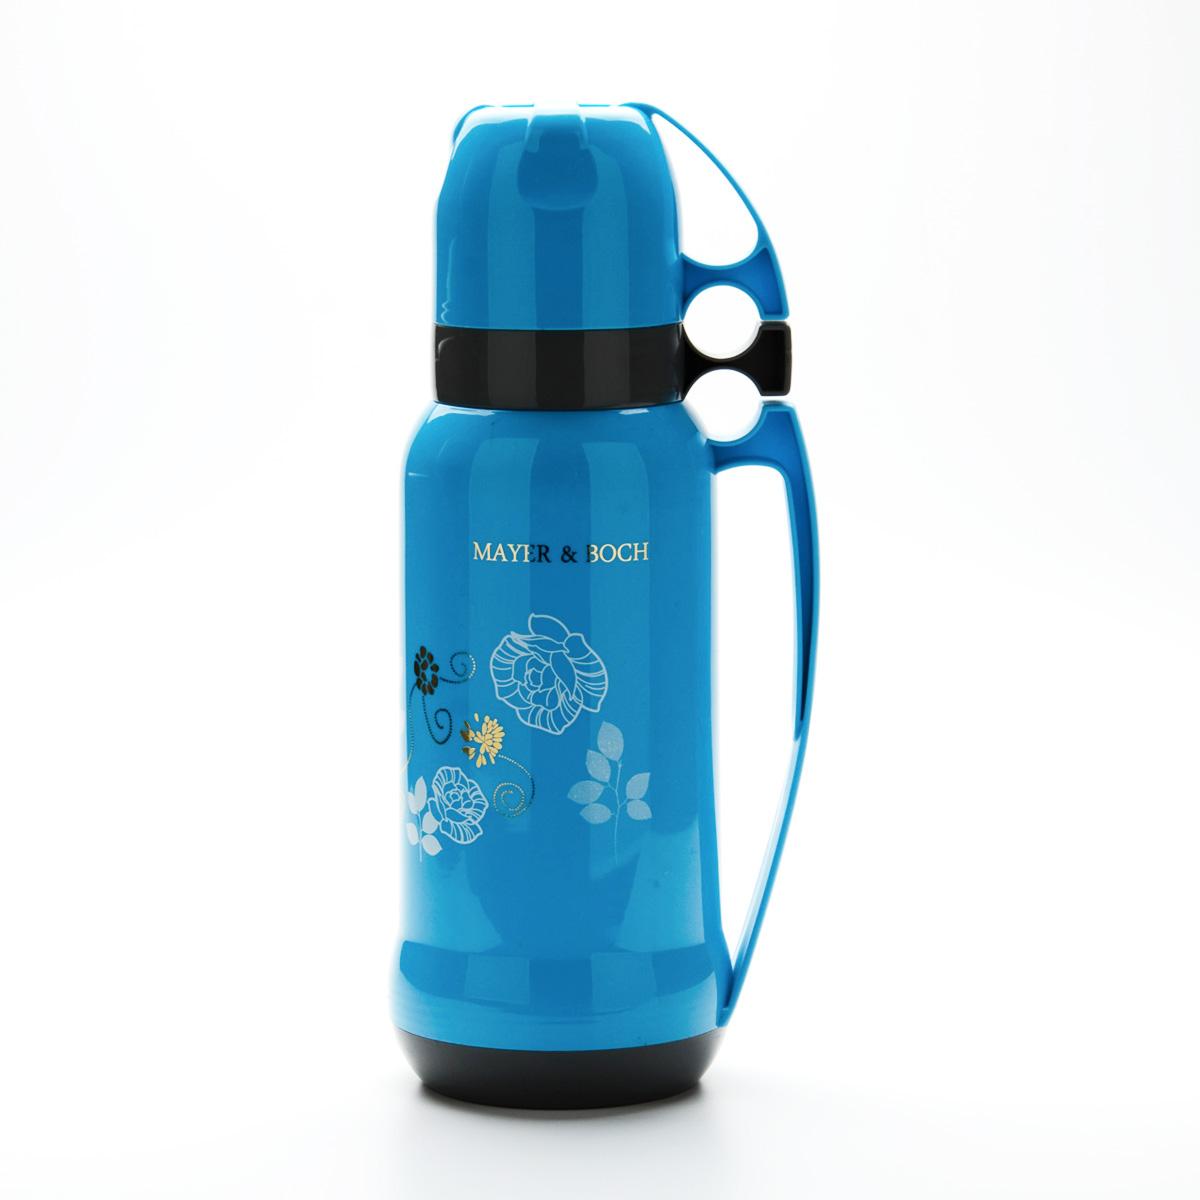 Термос Mayer & Boch, цвет: голубой, 1,8 л21649Пищевой термос с узким горлом Mayer & Boch изготовлен из высококачественного пластика и алюминия и декорирован цветочным рисунком. Термос предназначен для хранения горячих и холодных напитков и укомплектован откручивающейся пробкой без кнопки. Такая пробка надежна, проста в использовании и позволяет дольше сохранять тепло благодаря дополнительной теплоизоляции. Изделие также оснащено крышкой- чашкой, дополнительной чашкой и пластиковой ручкой для удобной переноски термоса. Термос отлично подходит для использования дома, в школе, на природе, в походах и т.д. Легкий и прочный термос Mayer & Boch сохранит ваши напитки горячими или холодными надолго.